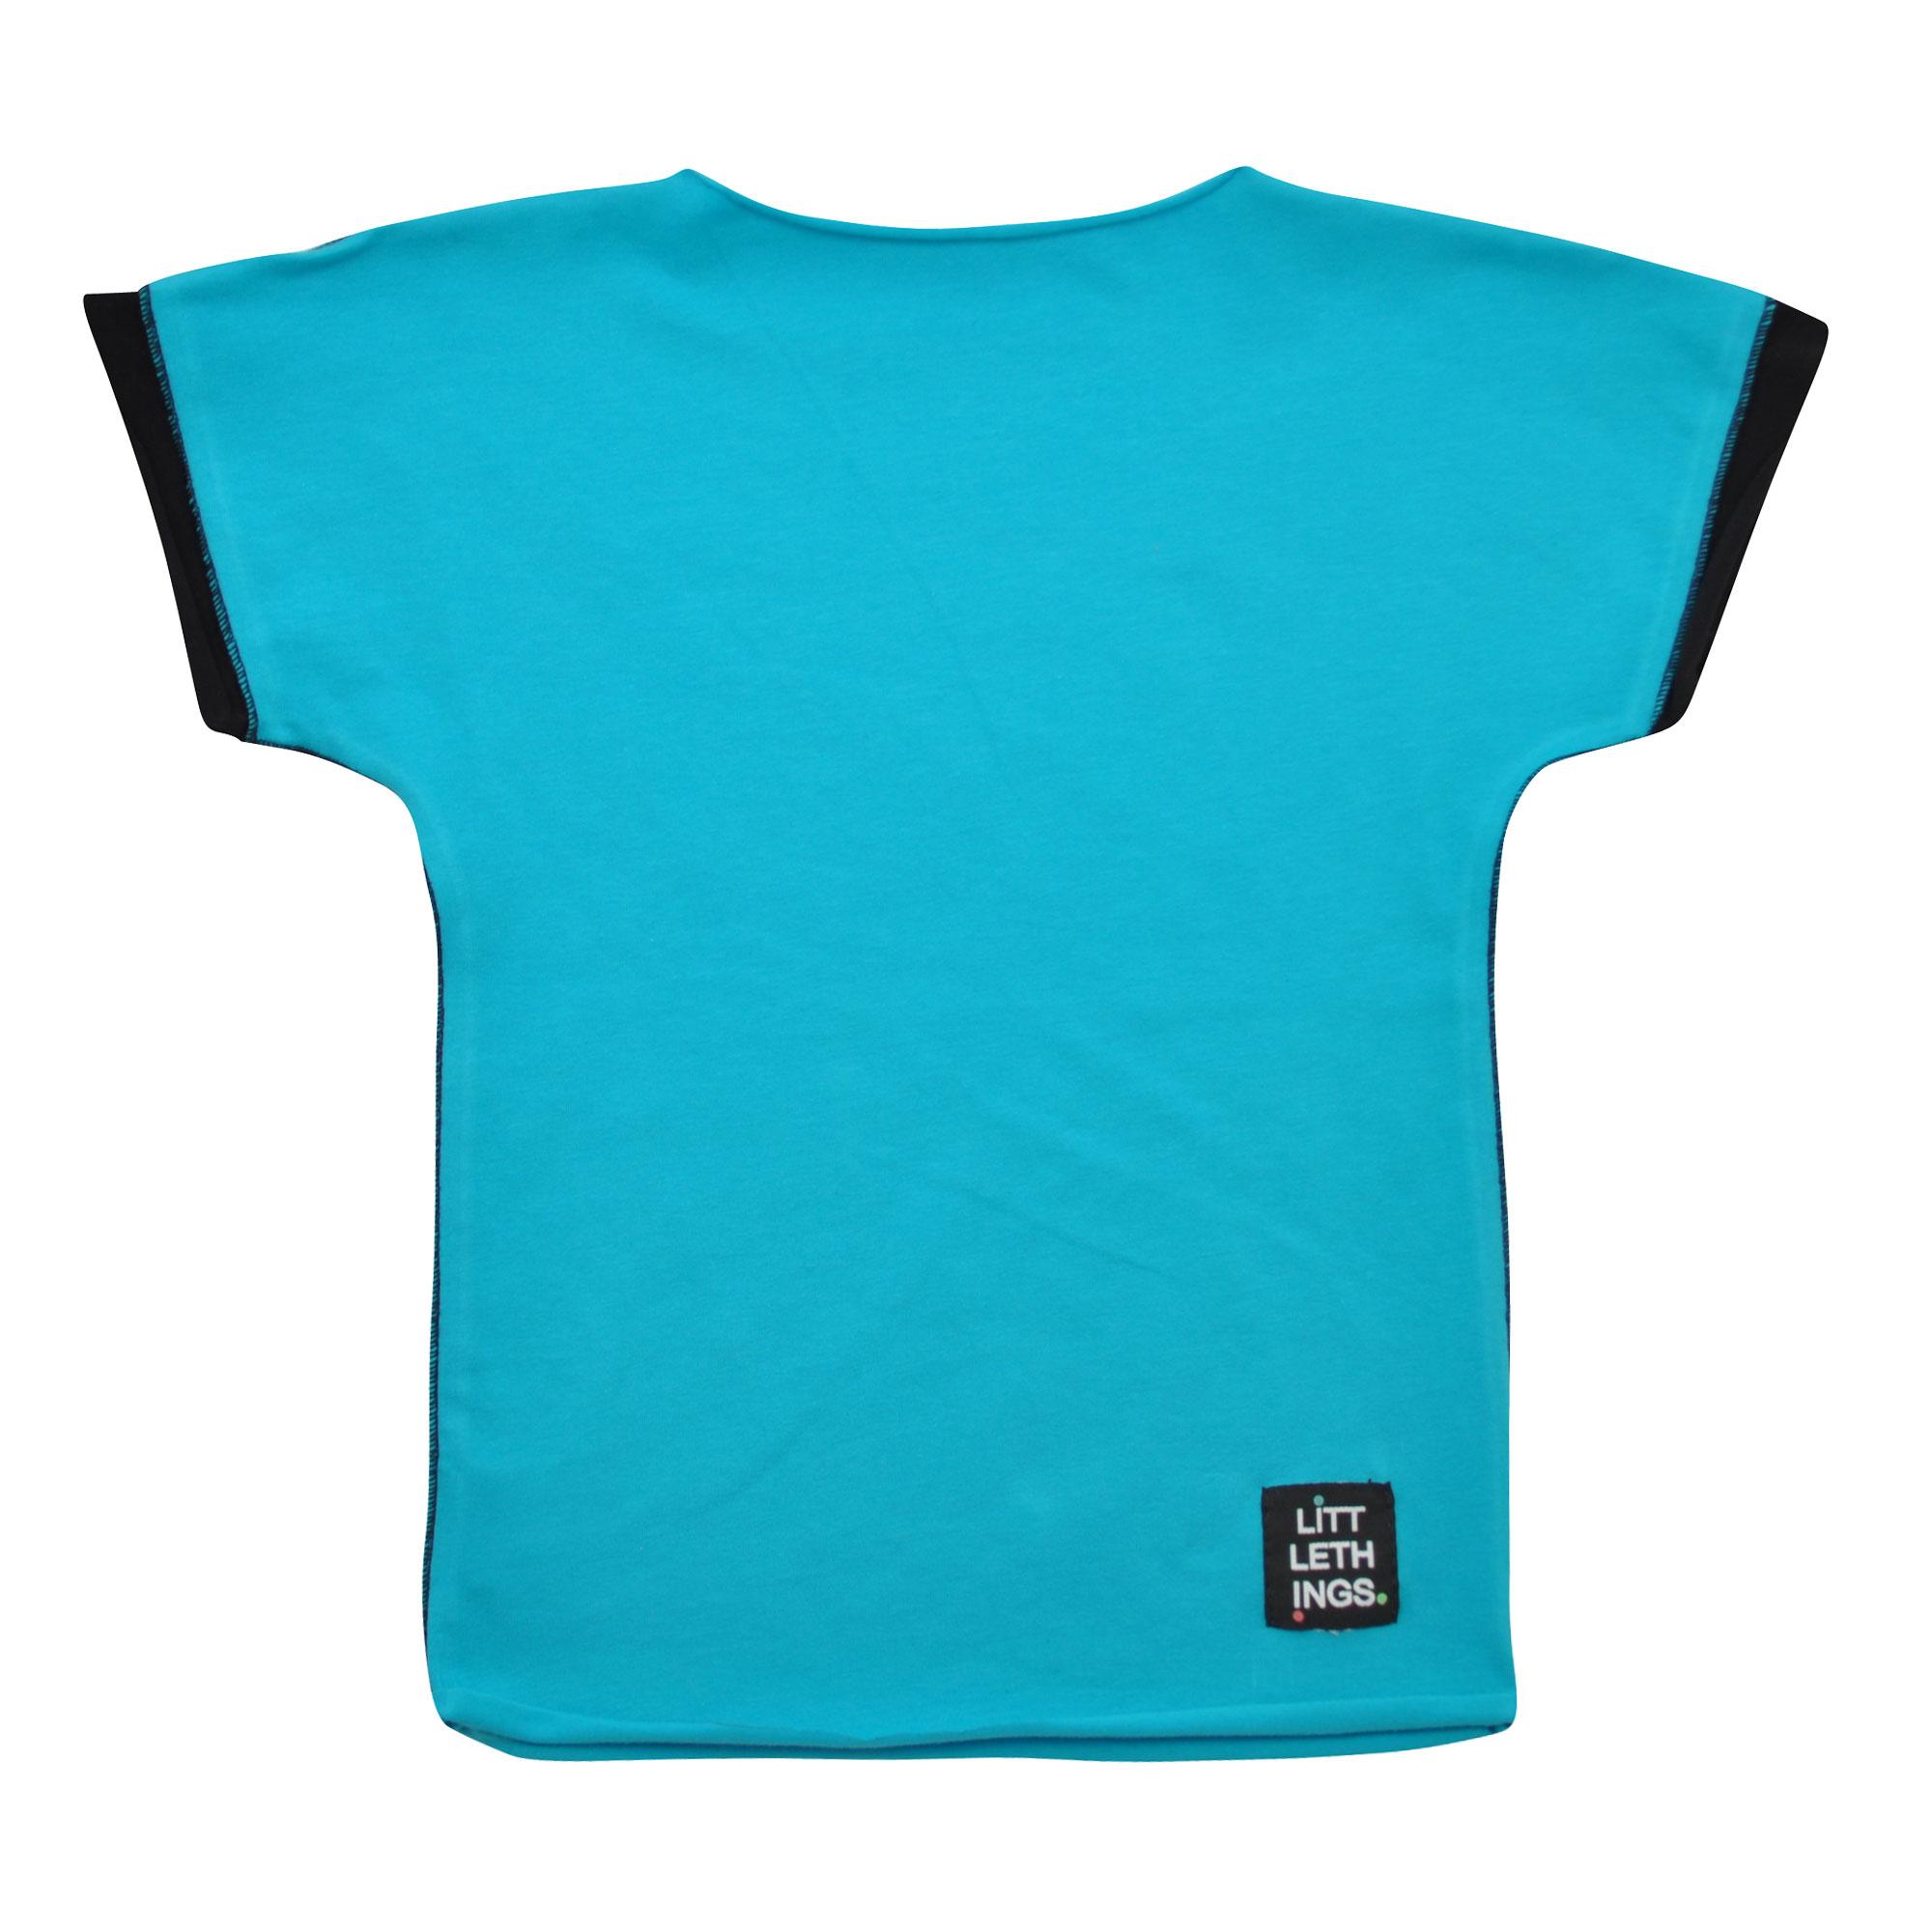 b17b81f369f tyrkysové tričko s krátkým rukávem